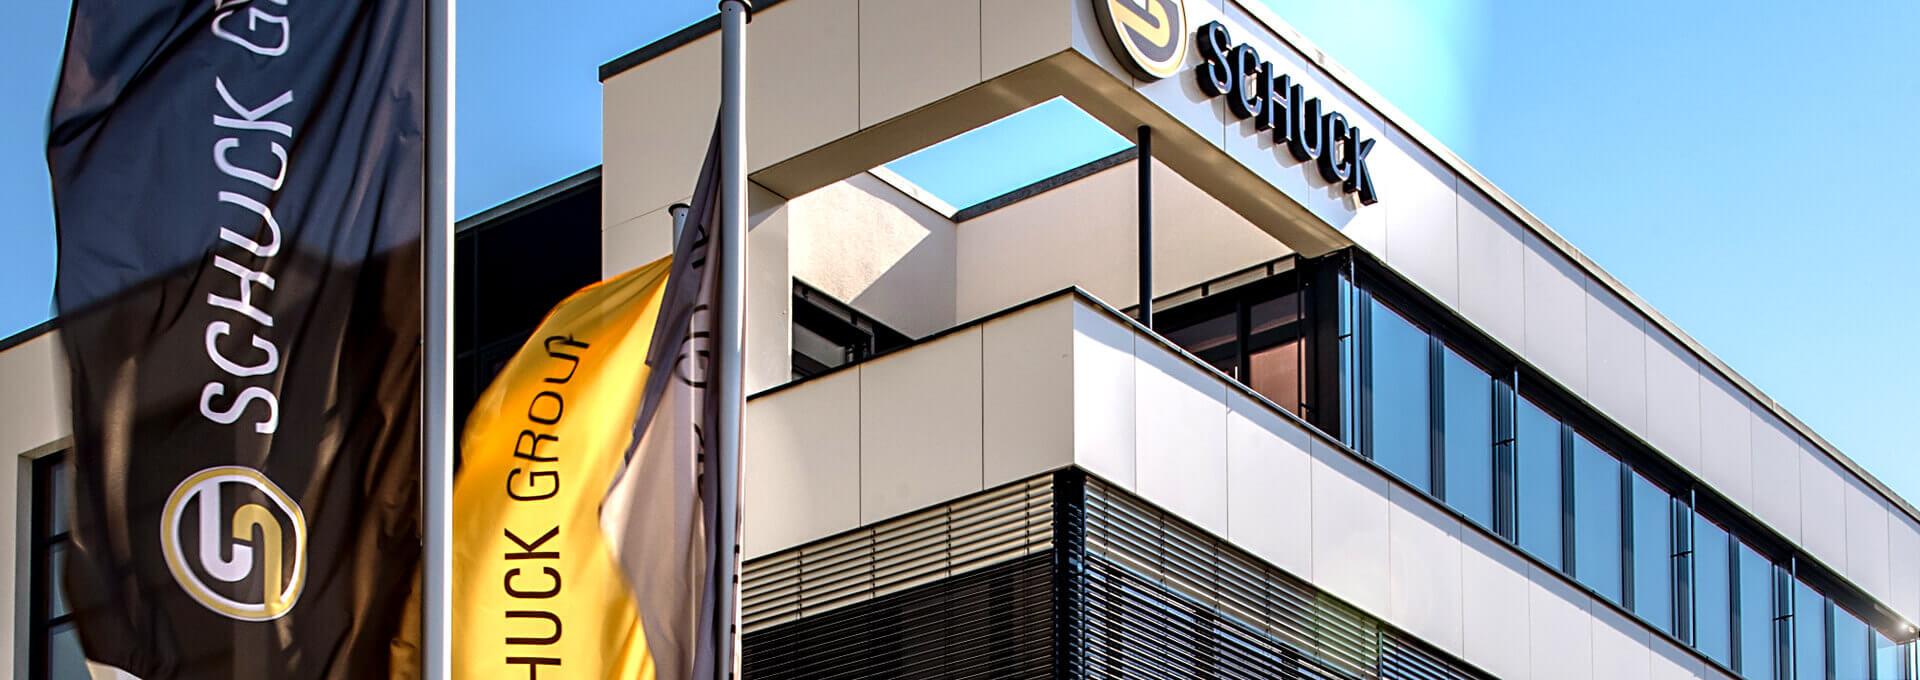 Die SCHUCK GROUP ist seit fast 50 Jahren weltweiter Partner der Energie- und Versorgungswirtschaft.